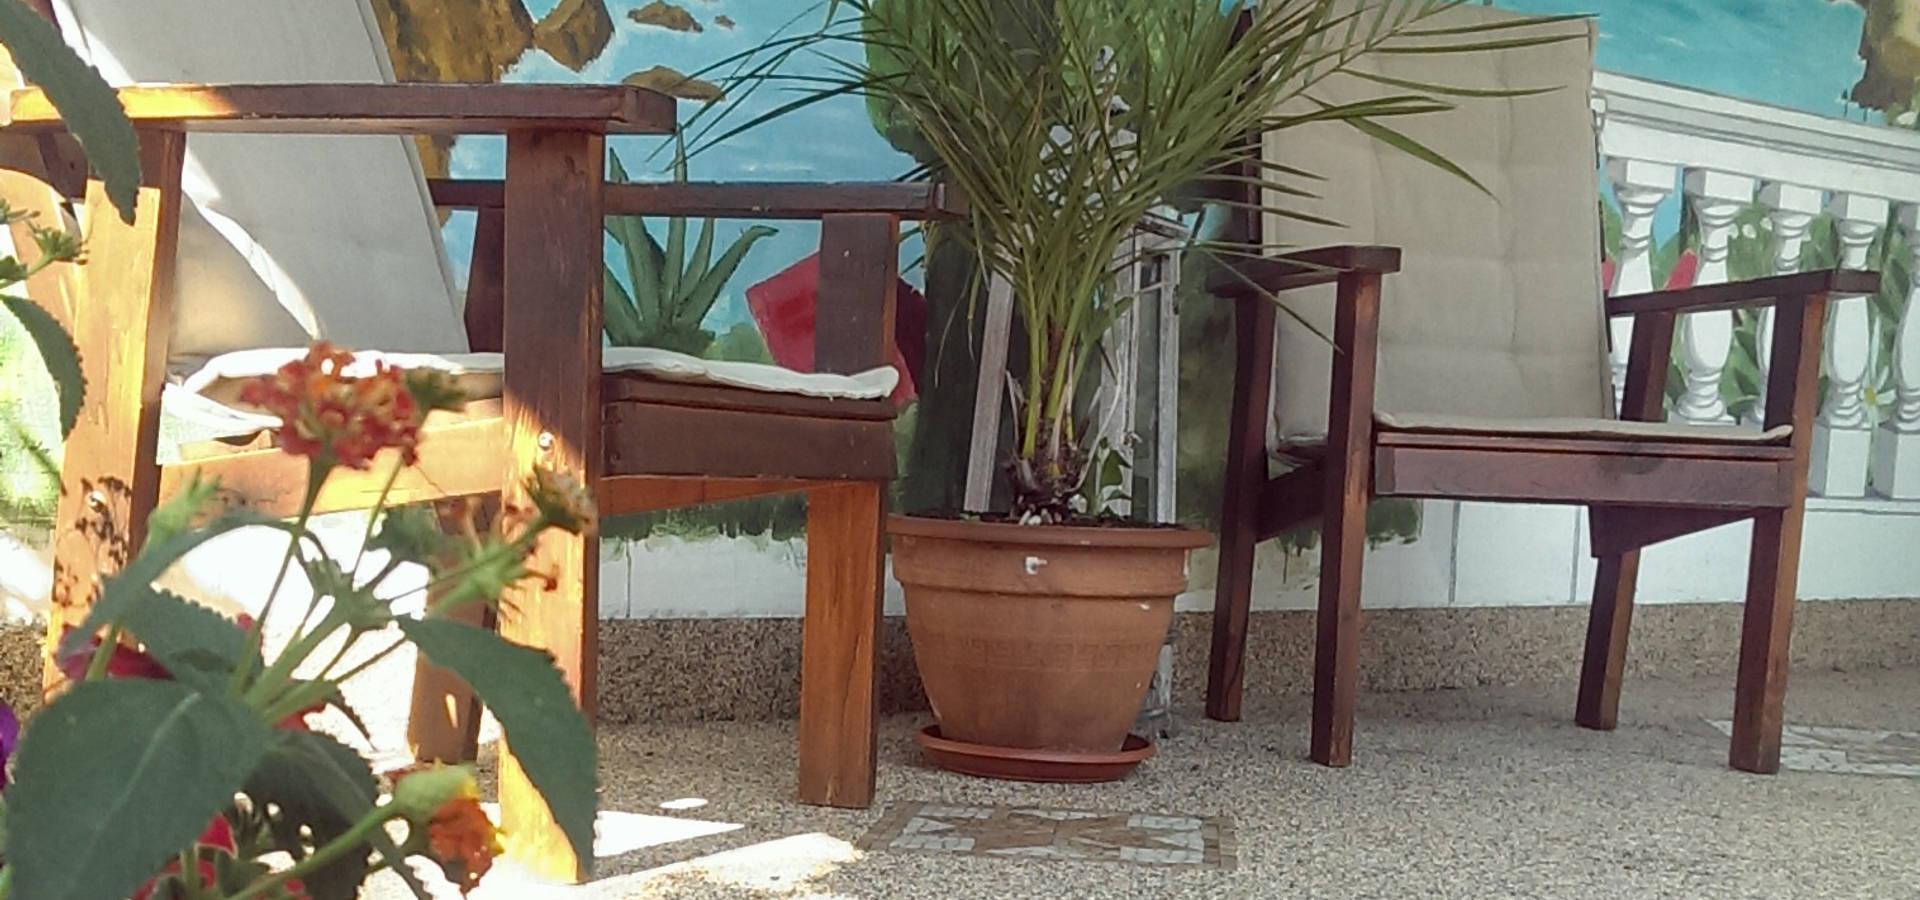 Mediterrane Terrasse Mit Natursteinteppich Von Balkon Doktor De Homify